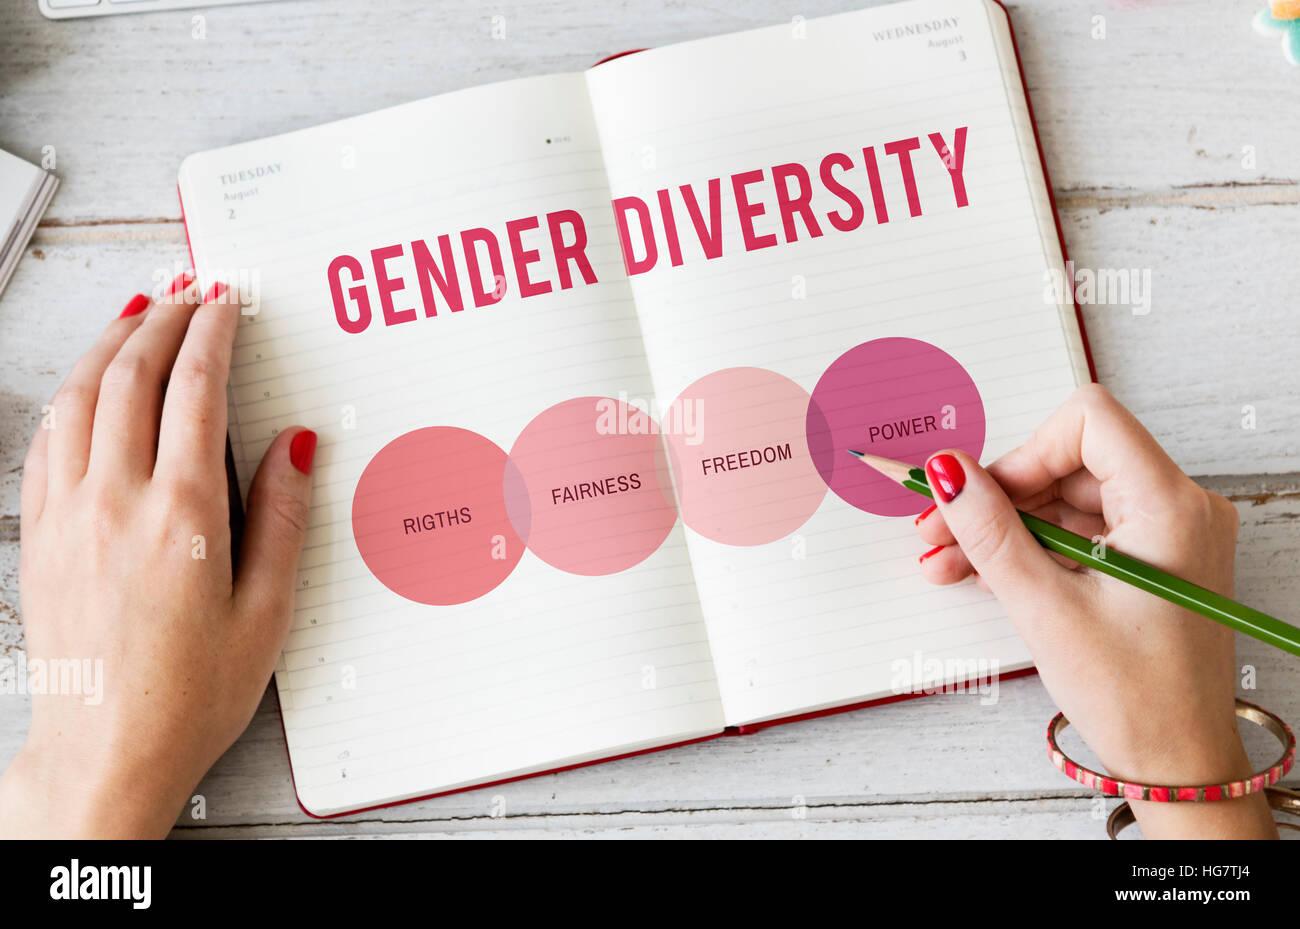 Les droits des femmes les droits de l'égalité des chances Concept Photo Stock